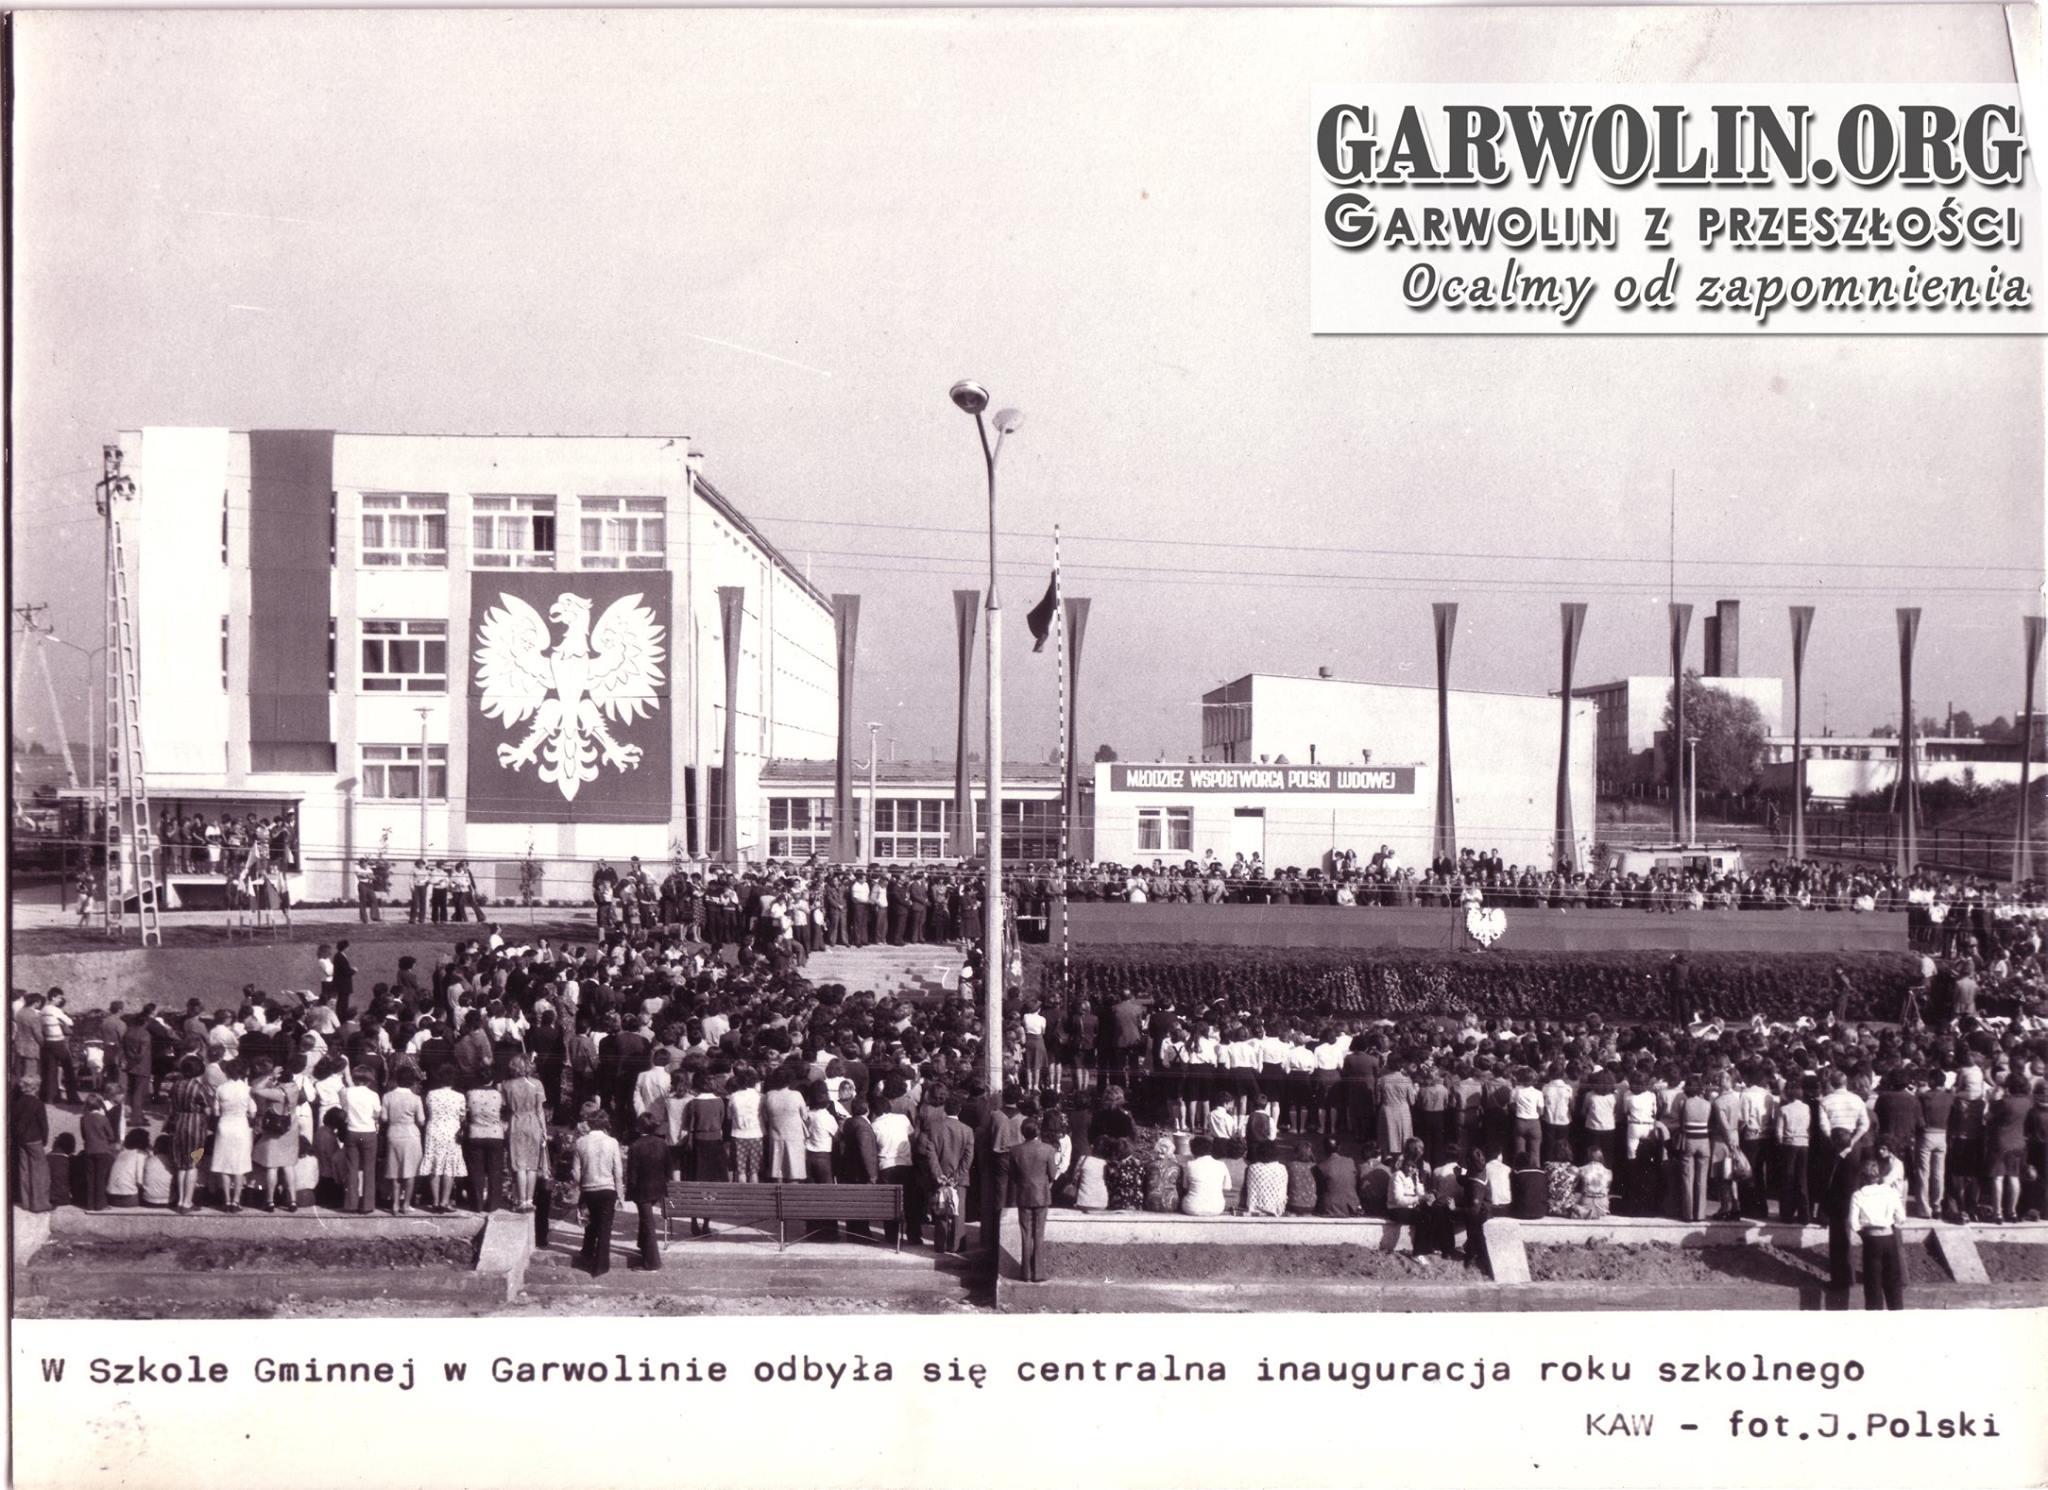 Inauguracja roku szkolnego 1977/1978